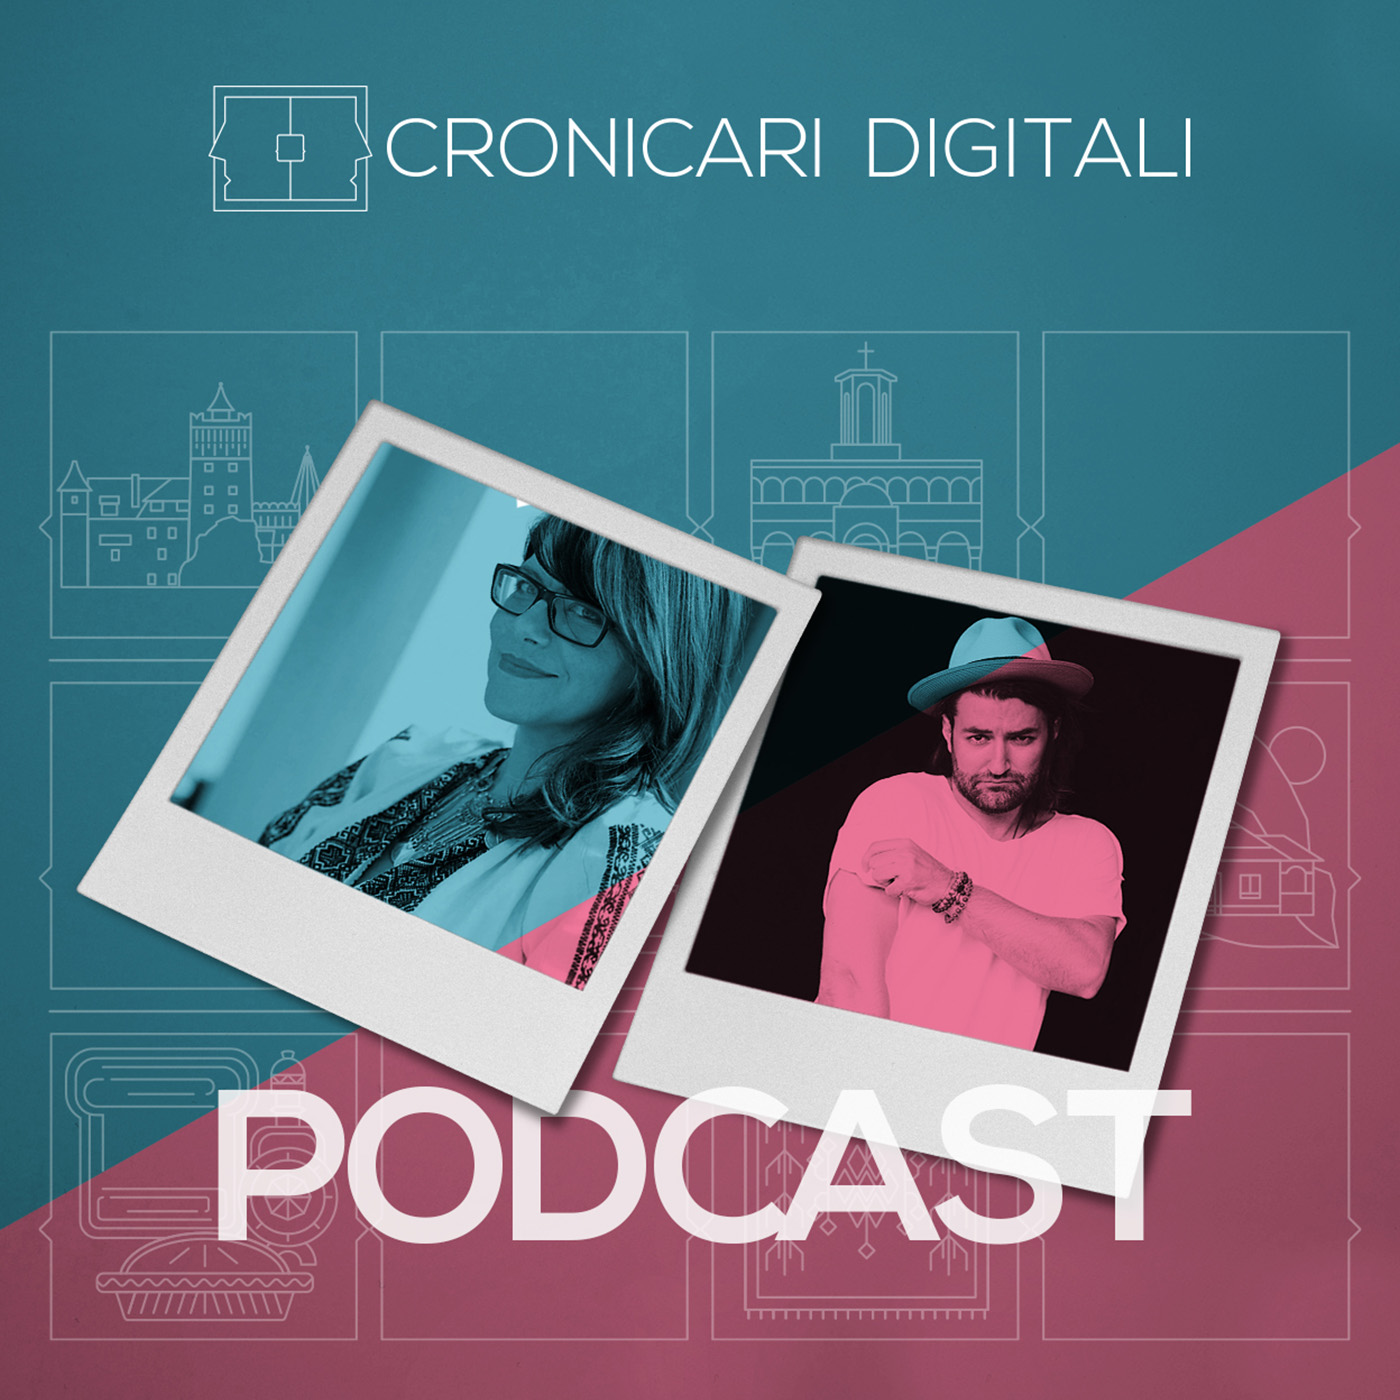 #cronicaridigitali S1 episod 3, Invitați Smiley & Andreea Tănăsescu, moderator Cristian Șimonca, aka Blogu lu' Otravă